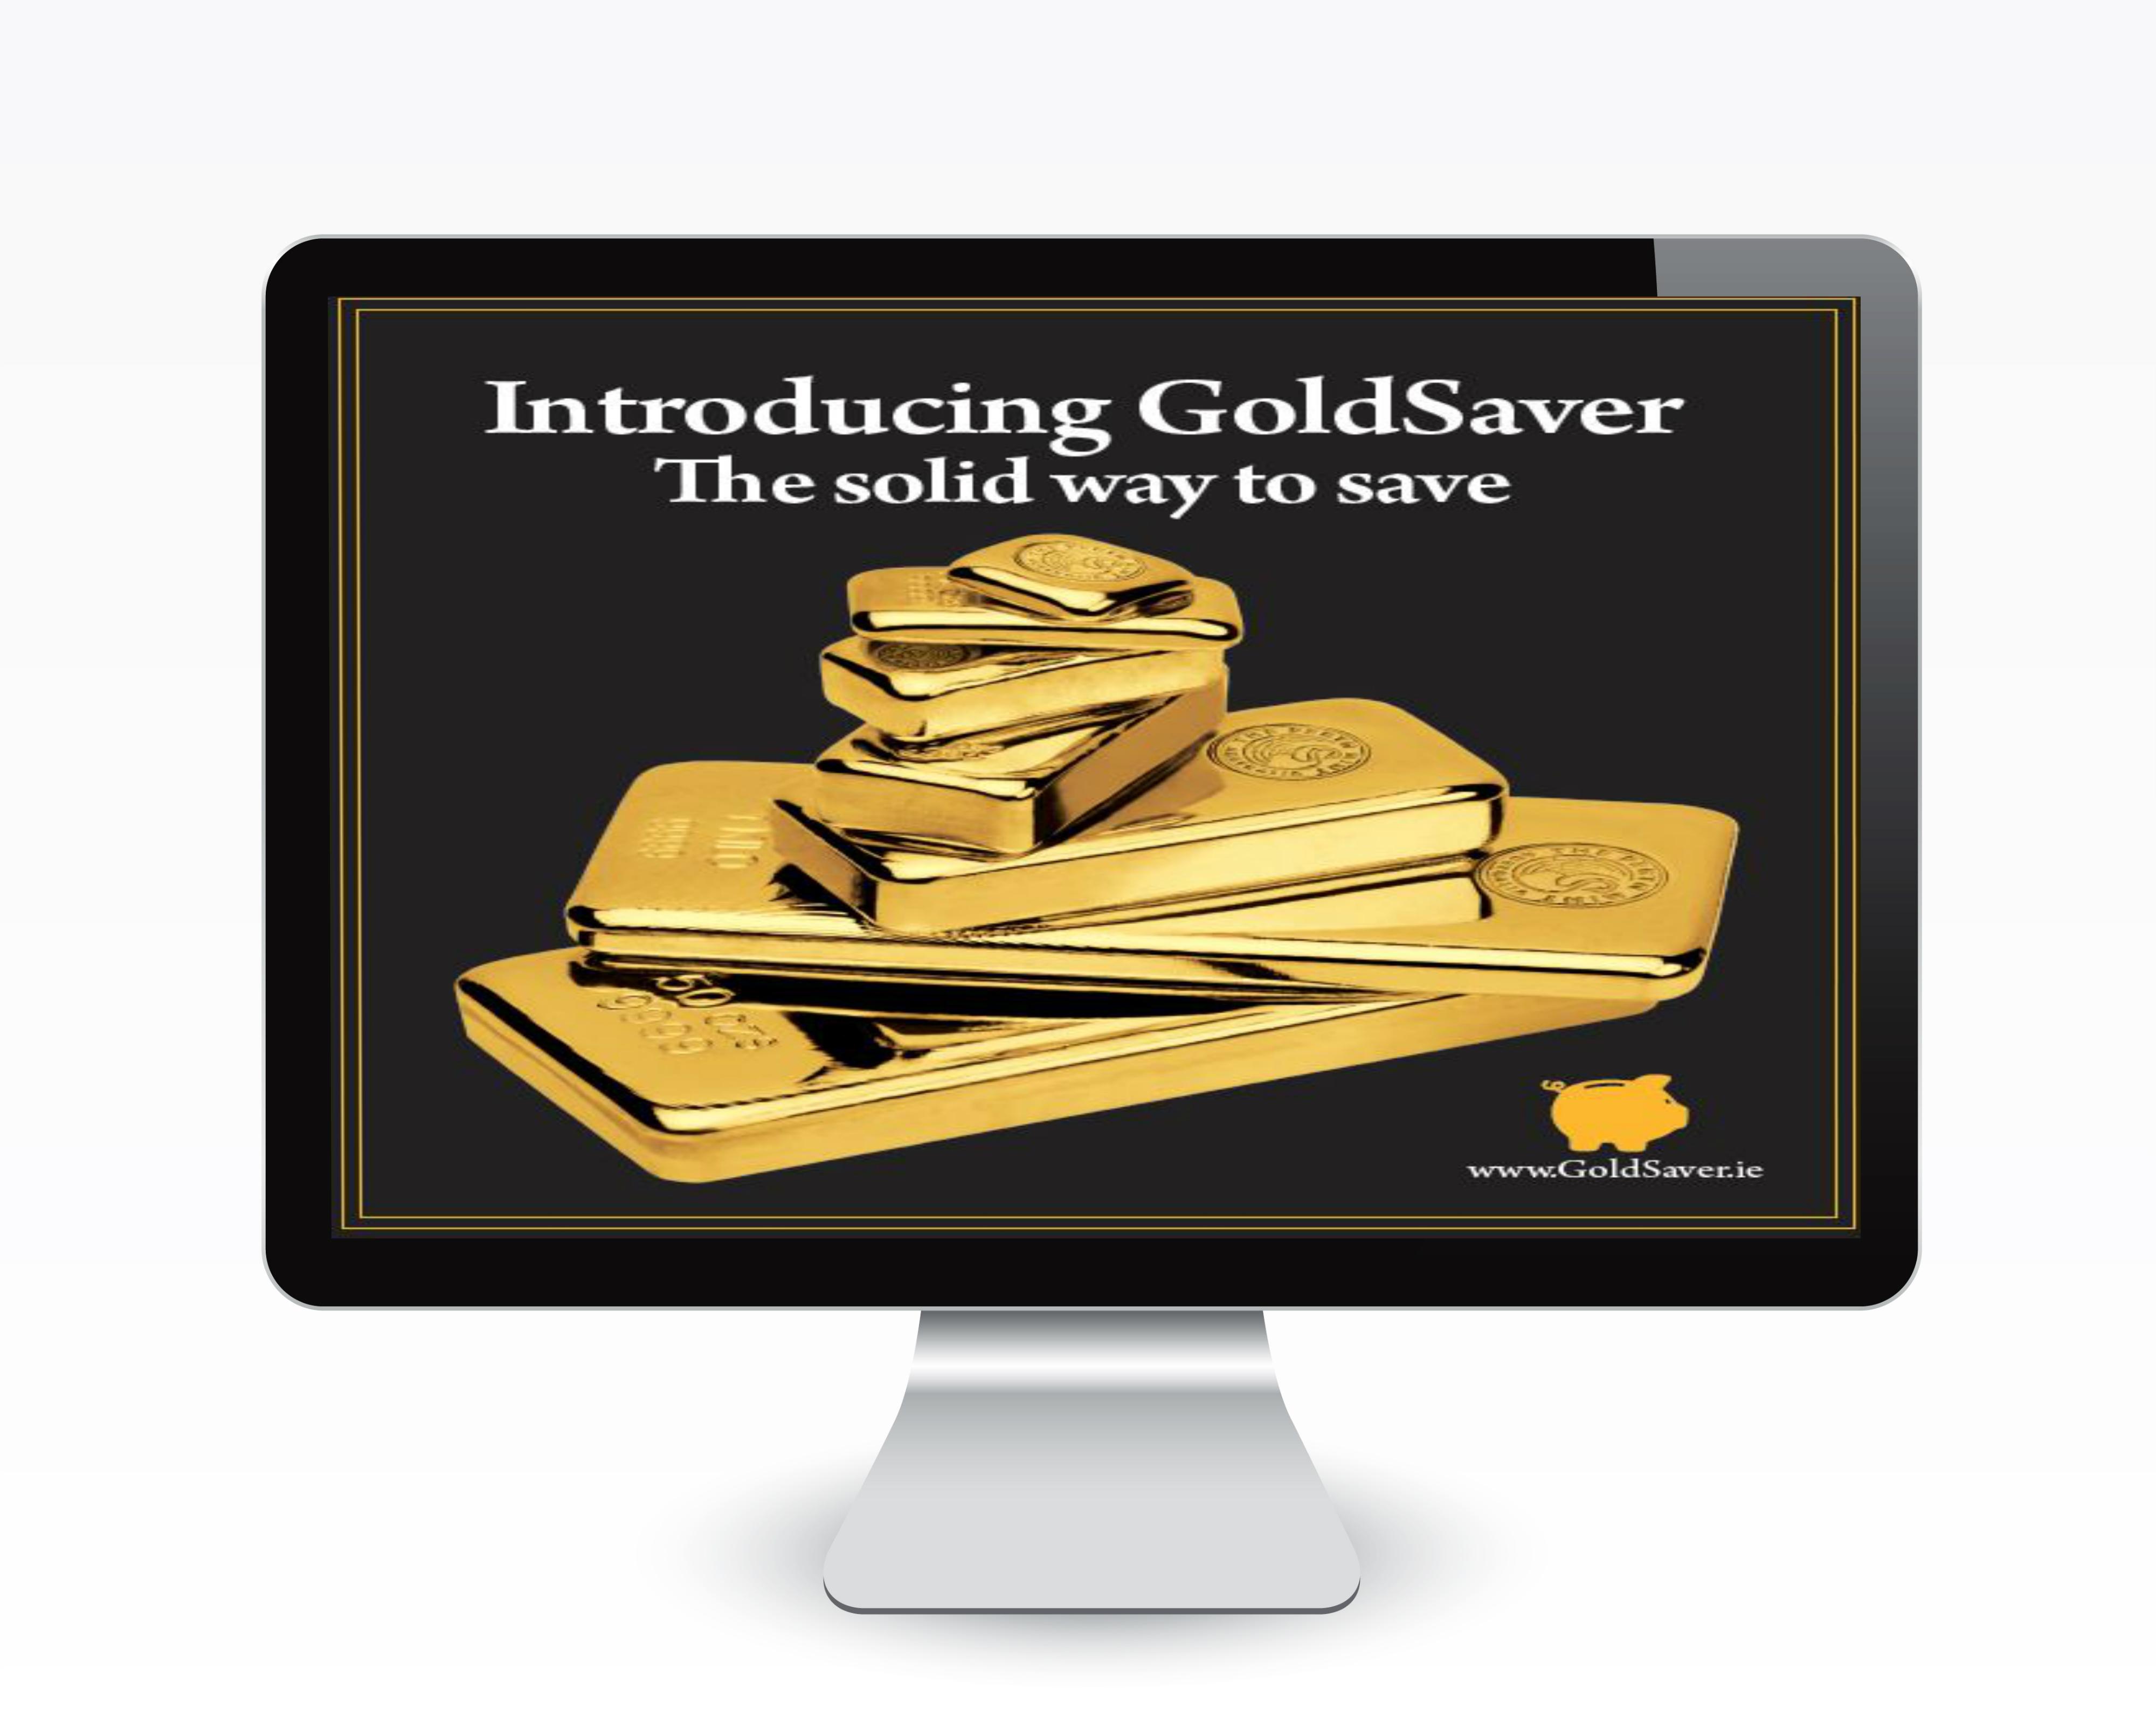 GoldSaver